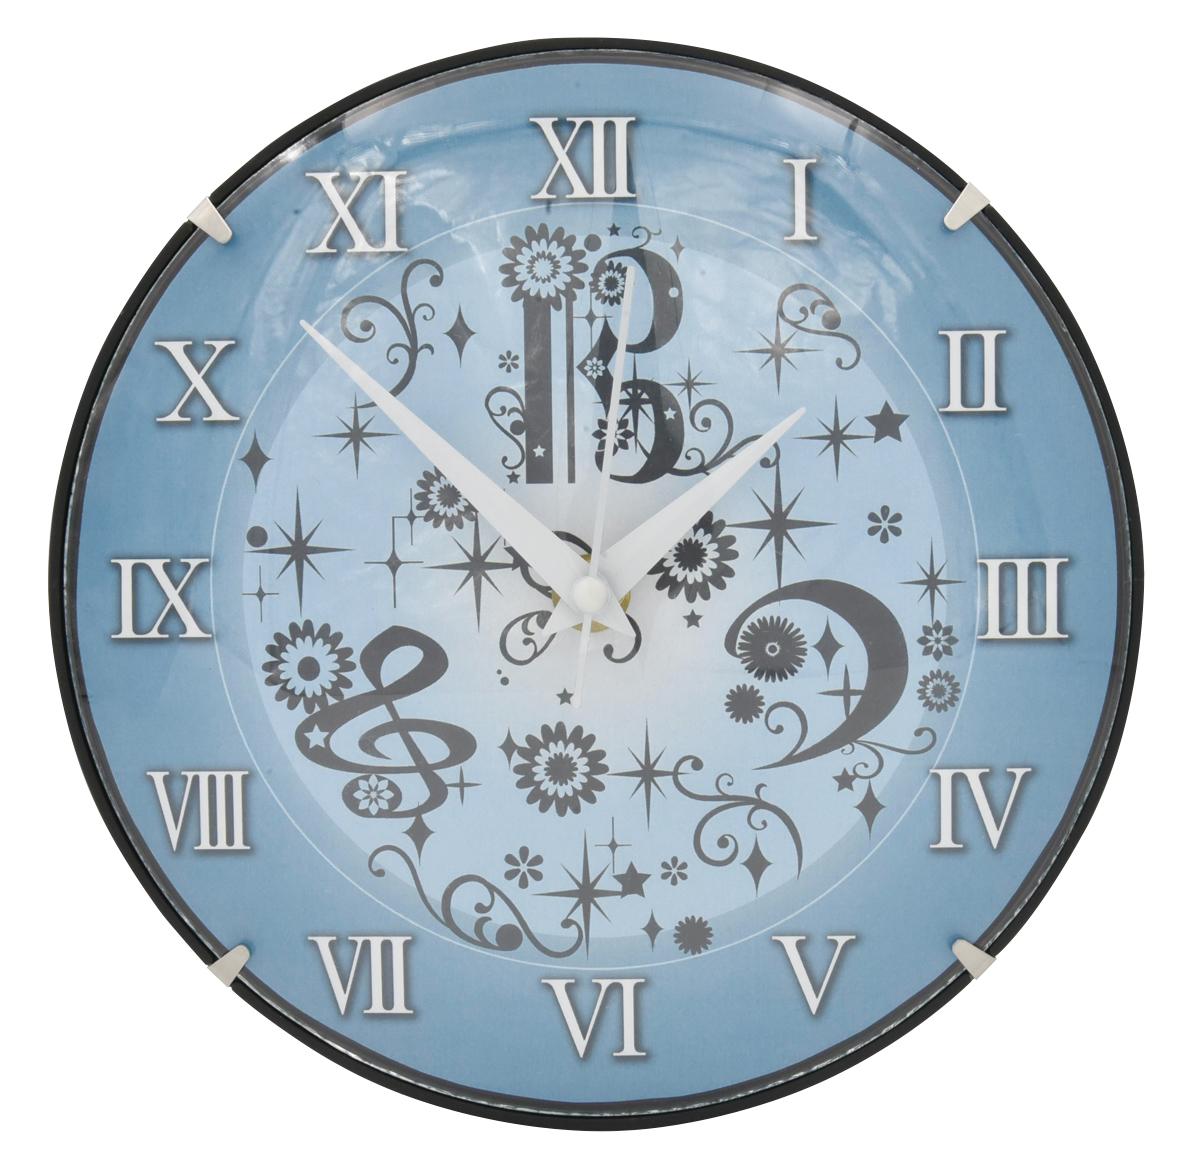 ガラスドーム時計♪※在庫有りと書いてあっても、お取り寄せ商品は受注後にメーカー注文になります。※☆【音符・小物グッズ-音楽雑貨】【音楽雑貨】  音楽グッズ  <br>バレエ発表会 記念品 プレゼントに最適 ♪